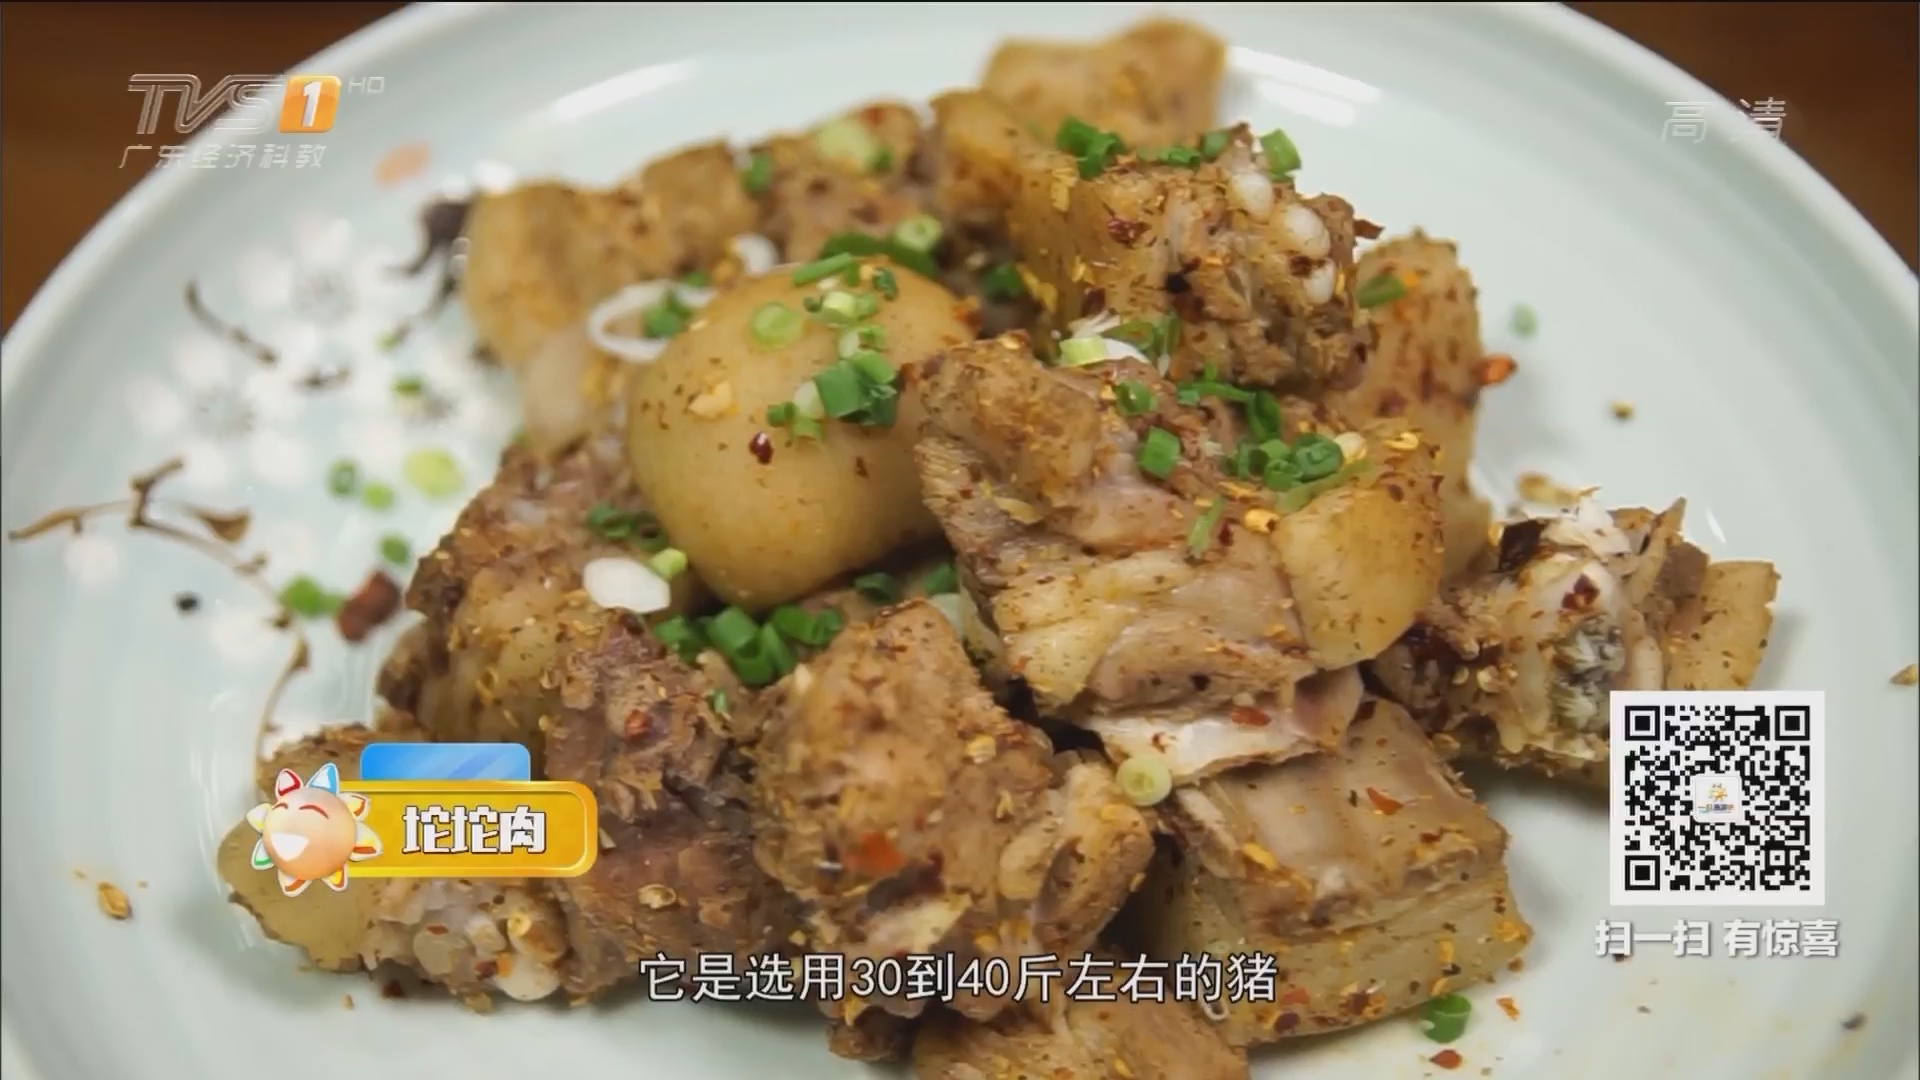 成都——彝族特色美食